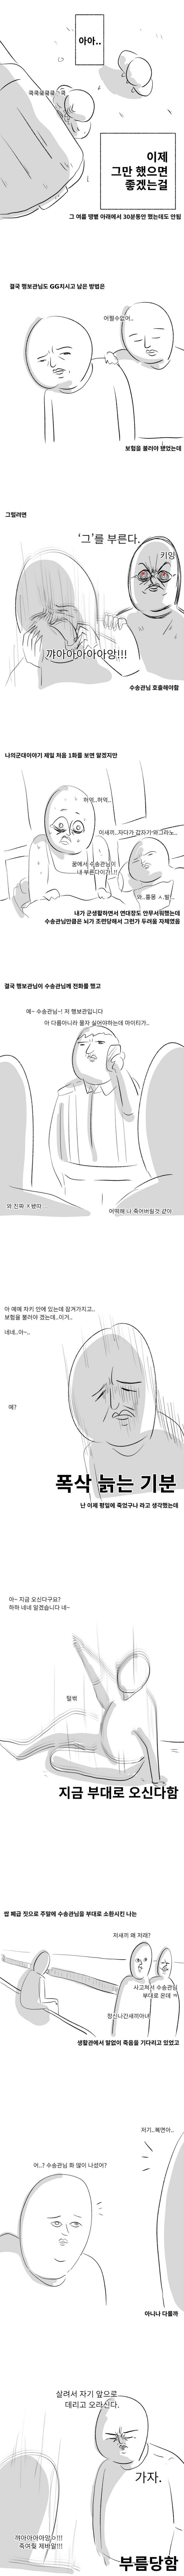 나의 군대 이야기[복면개폐급썰] | 인스티즈